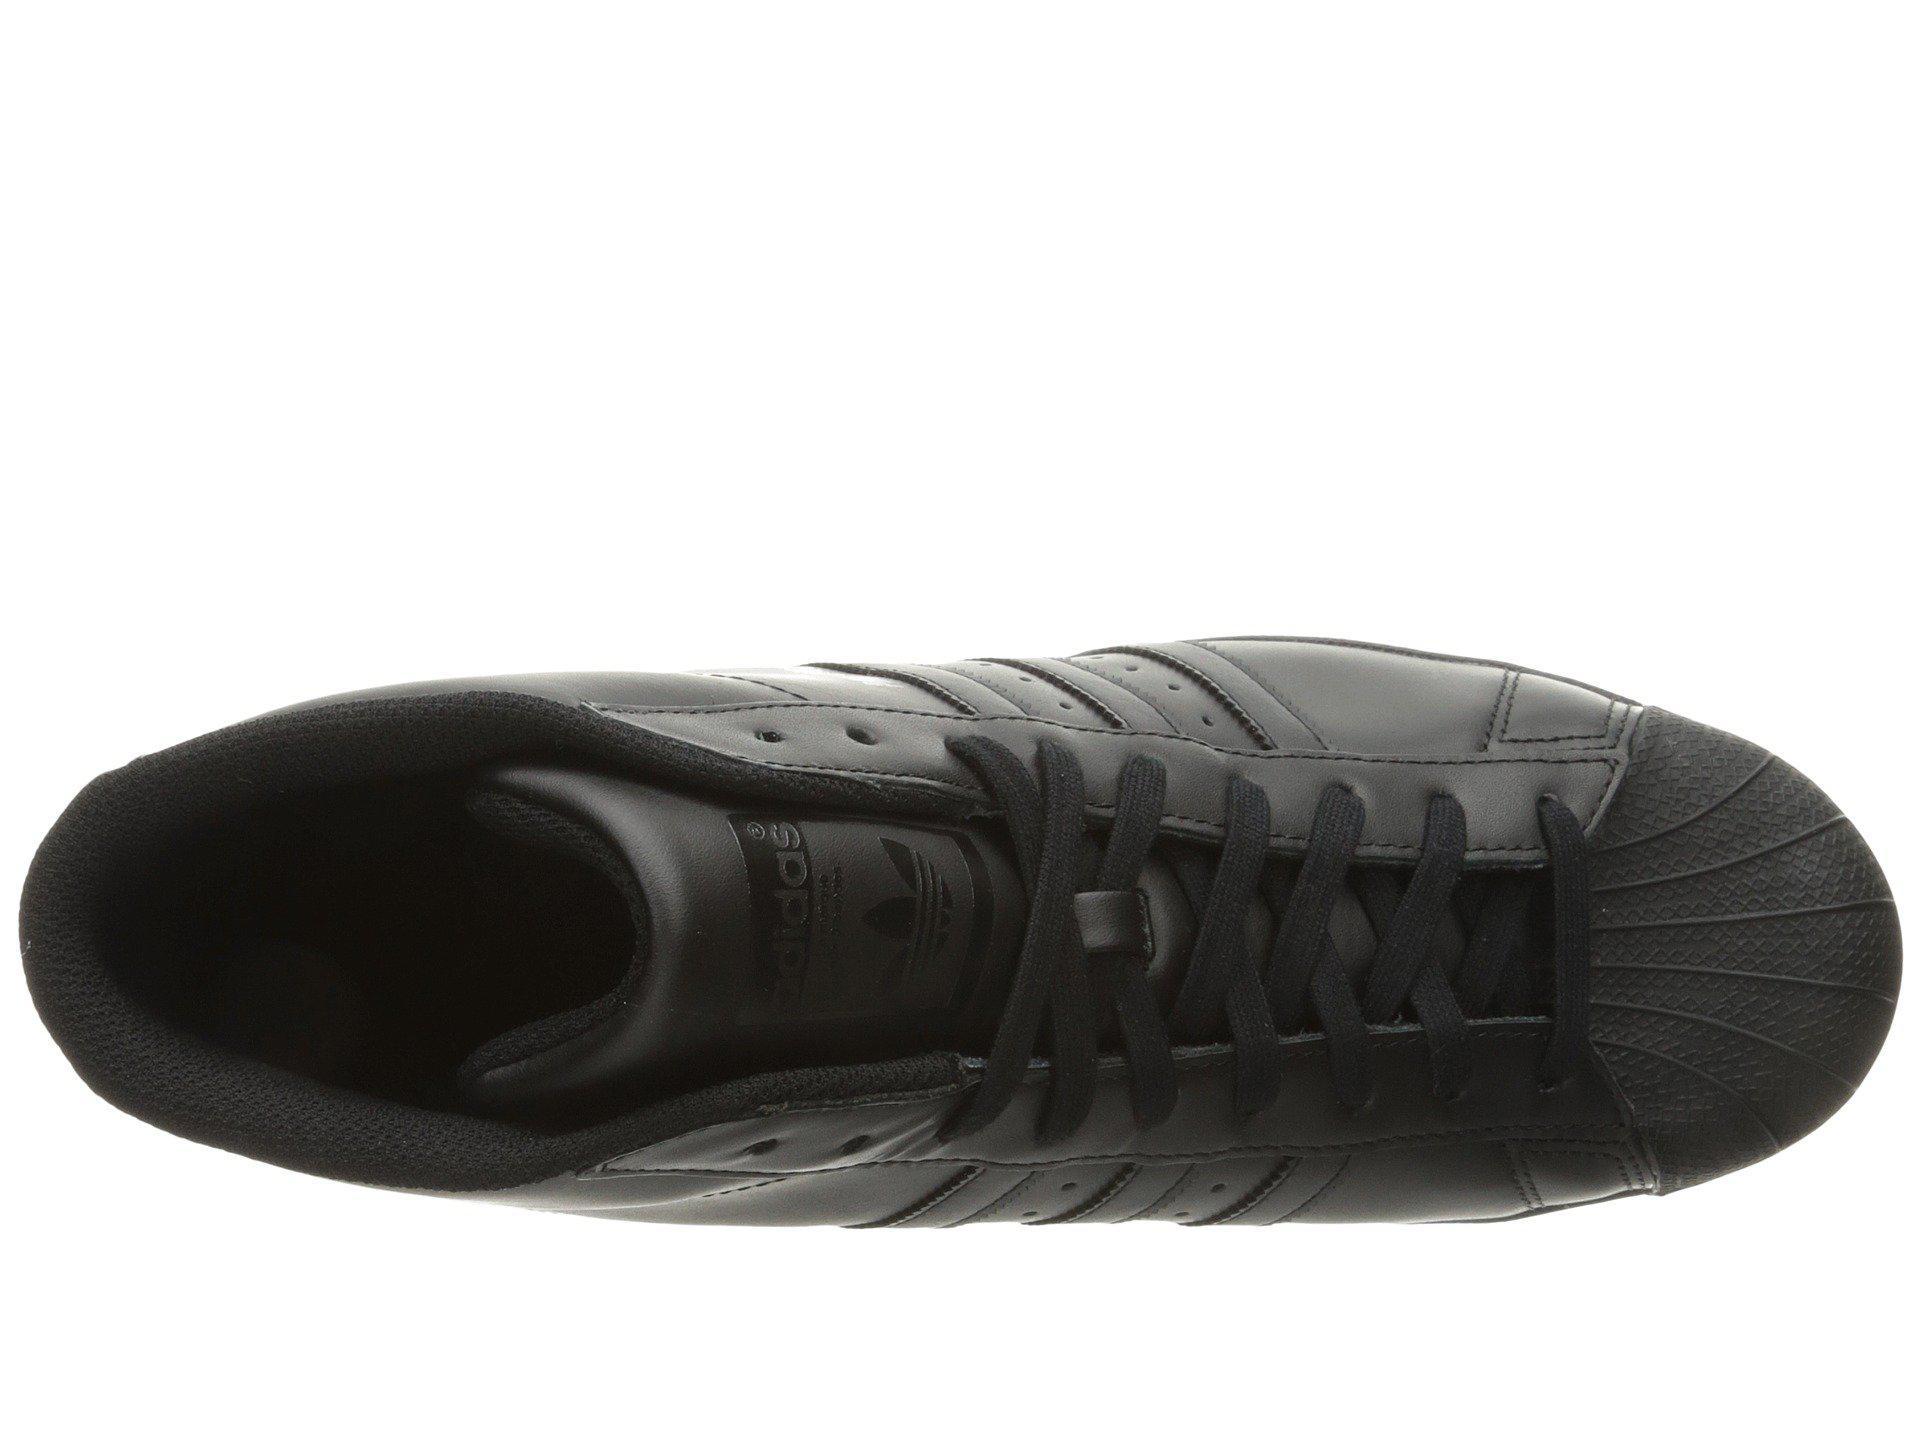 hot sale online 840b4 4590b Adidas Originals - Pro Model (core Black core Black core Black) Men s. View  fullscreen